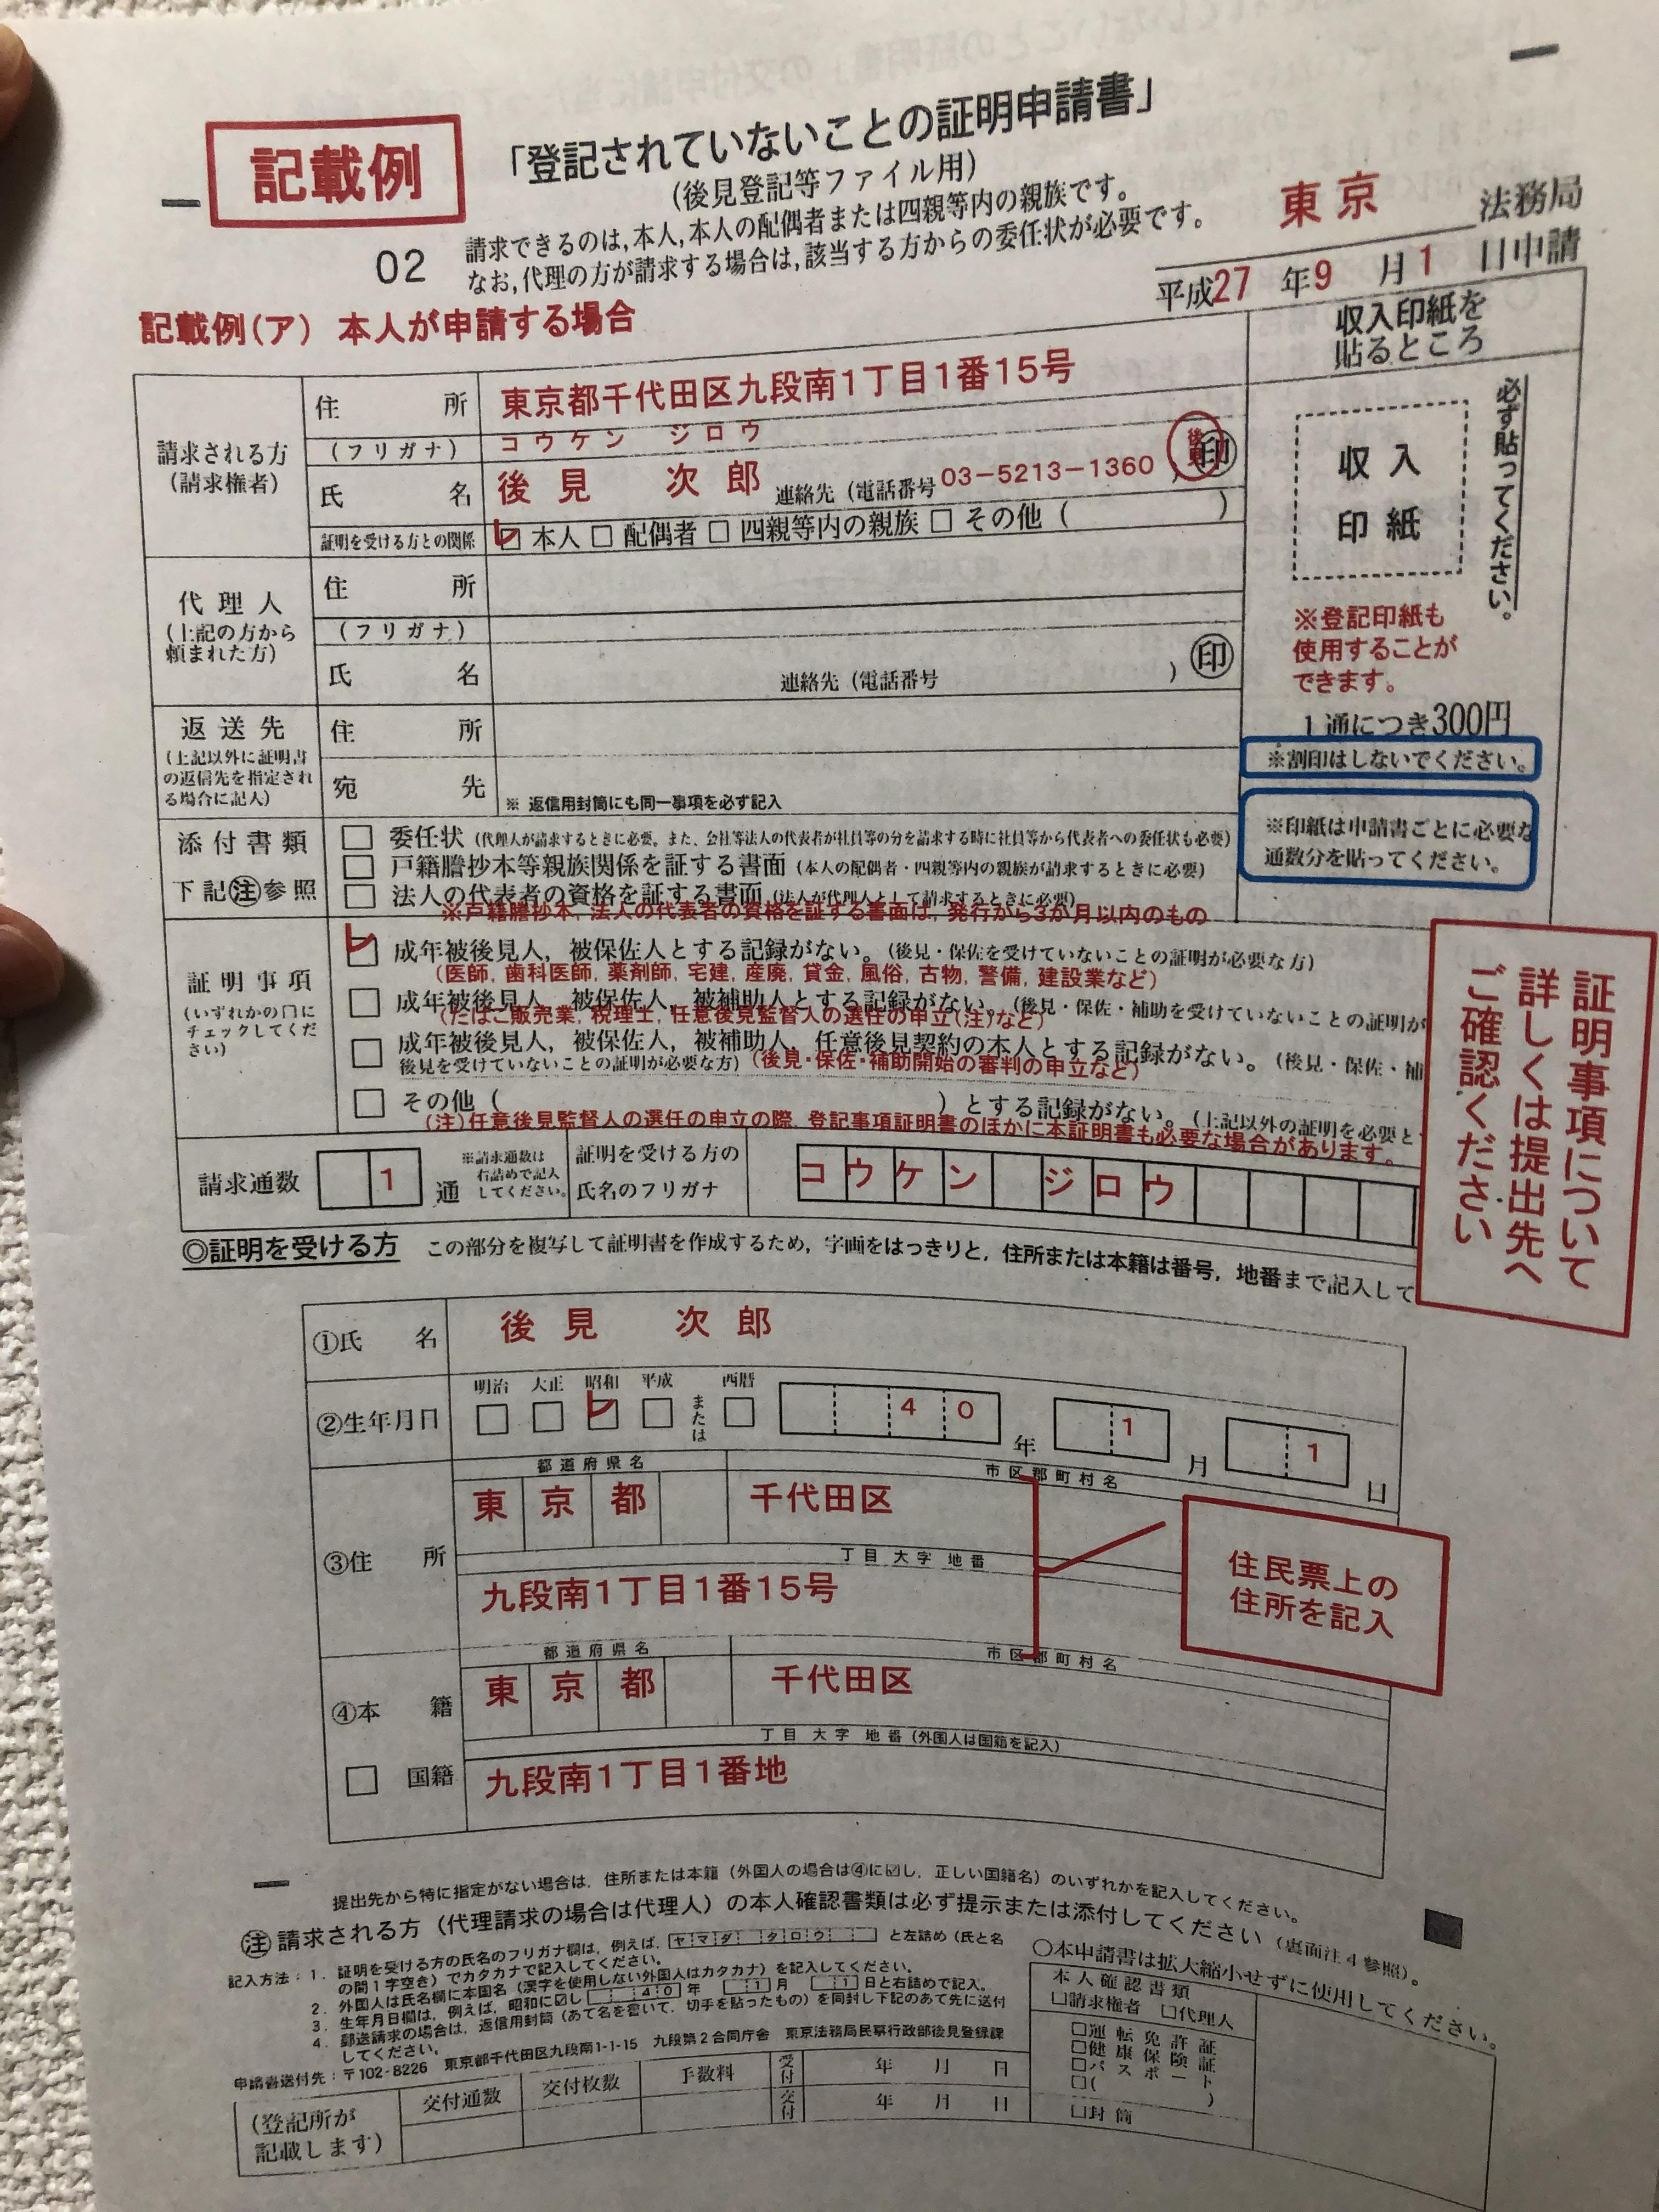 古物商のショッピングサイトの準備物「登記されていないことの証明書」の申請方法とその手順